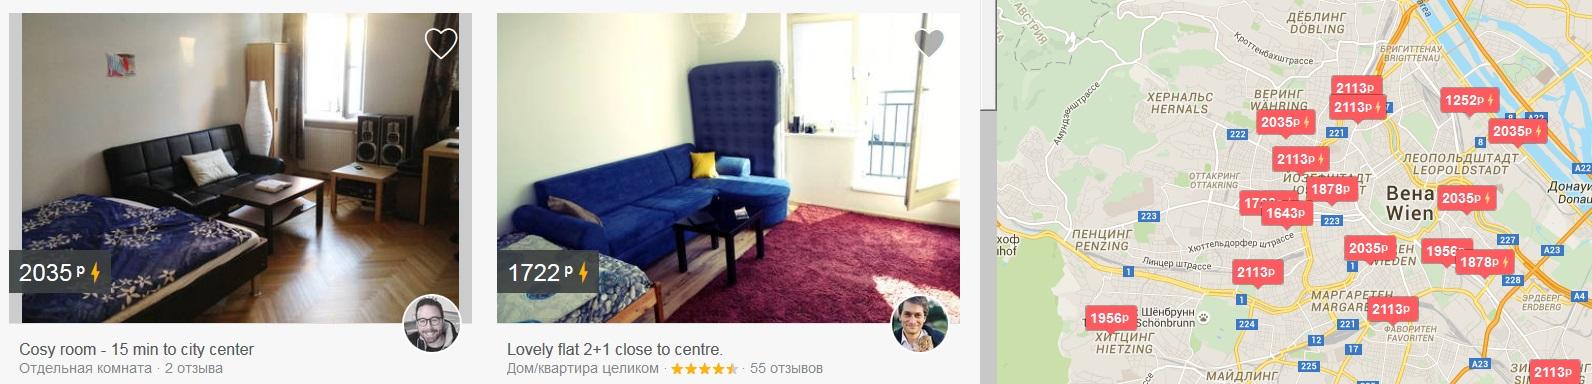 airbnb_viena